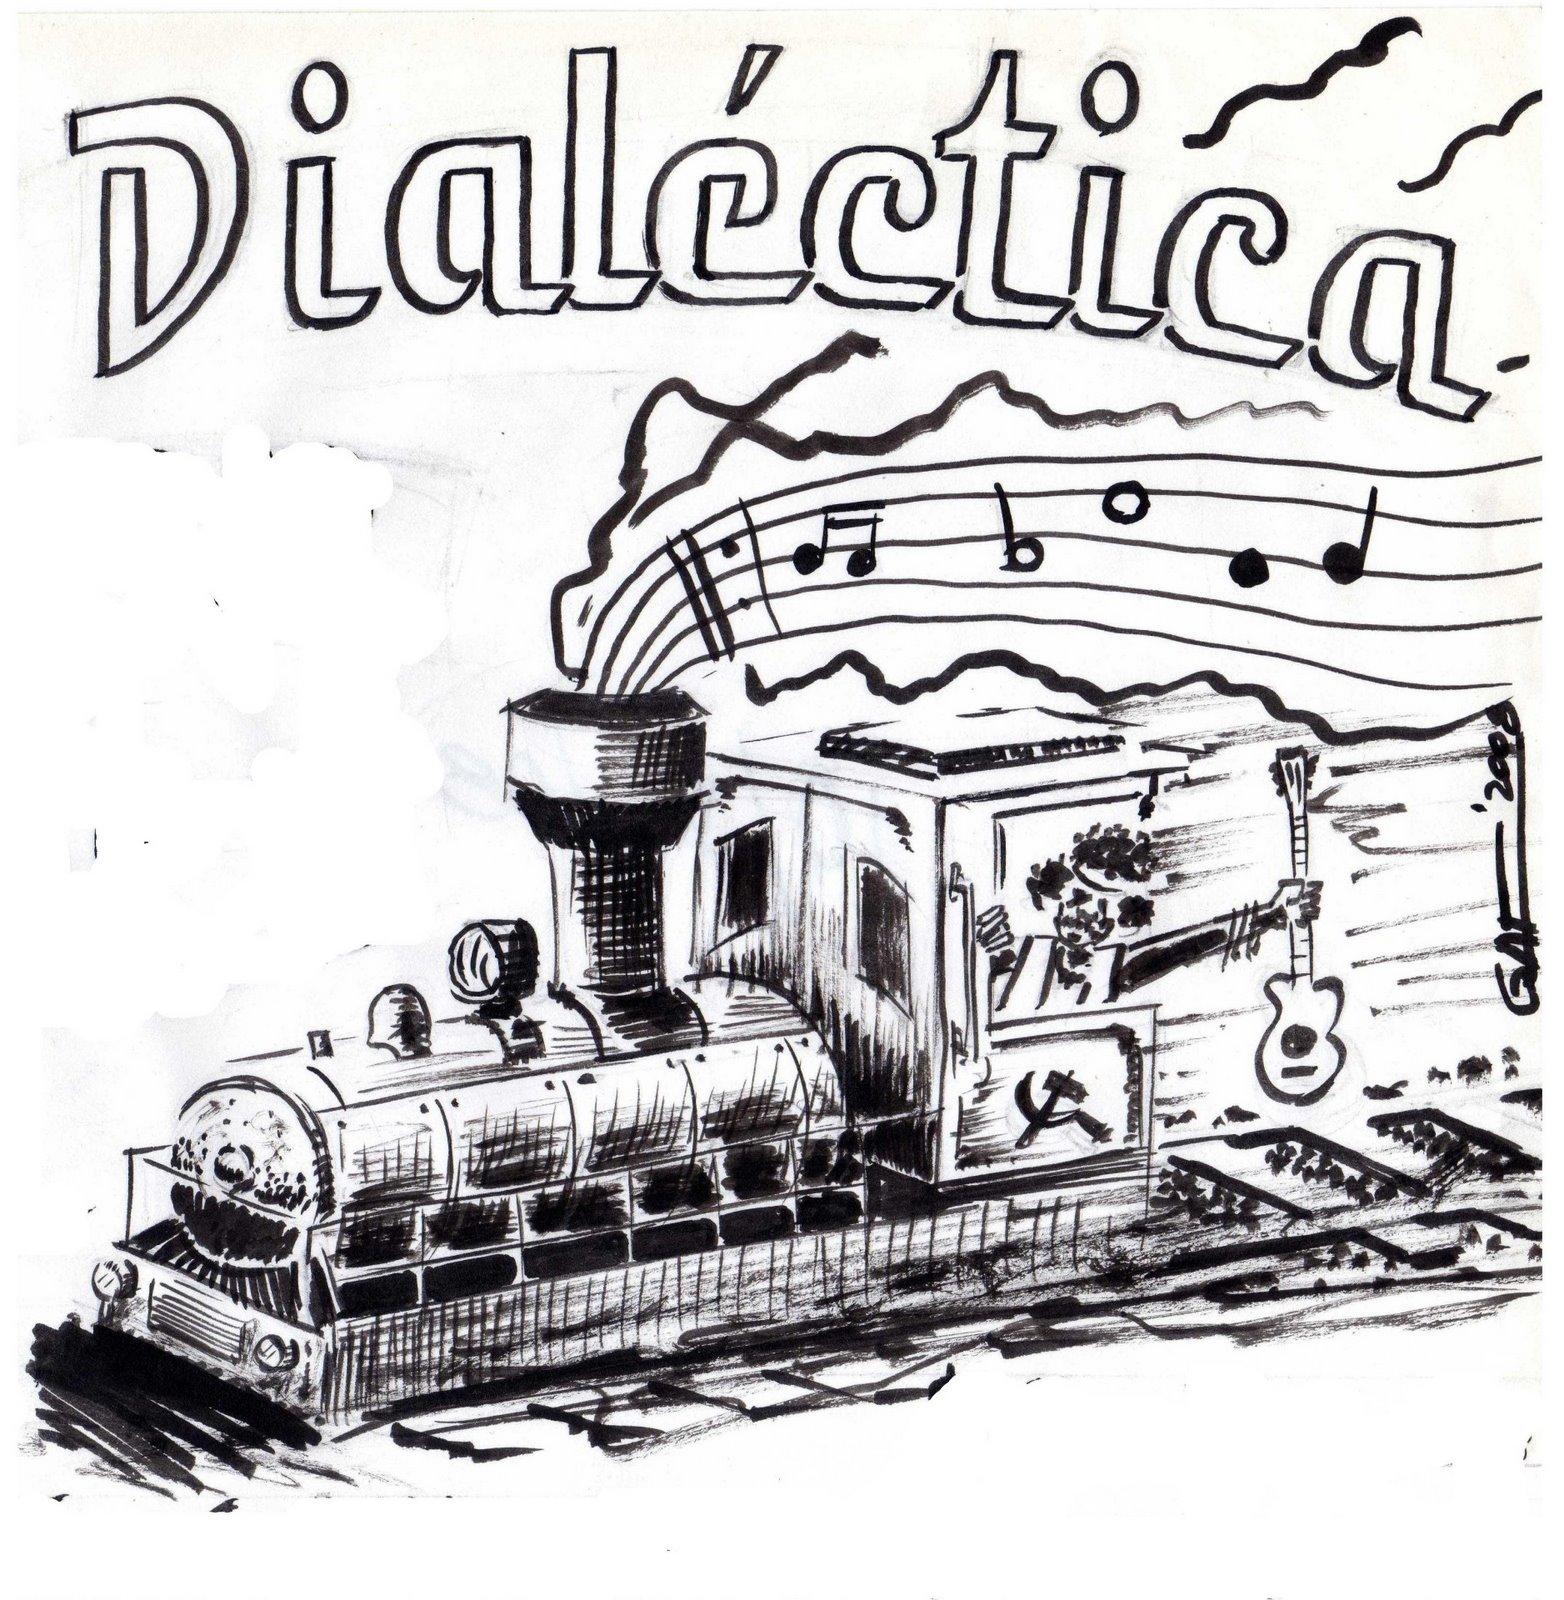 [trensito+dialectico+1.jpg]